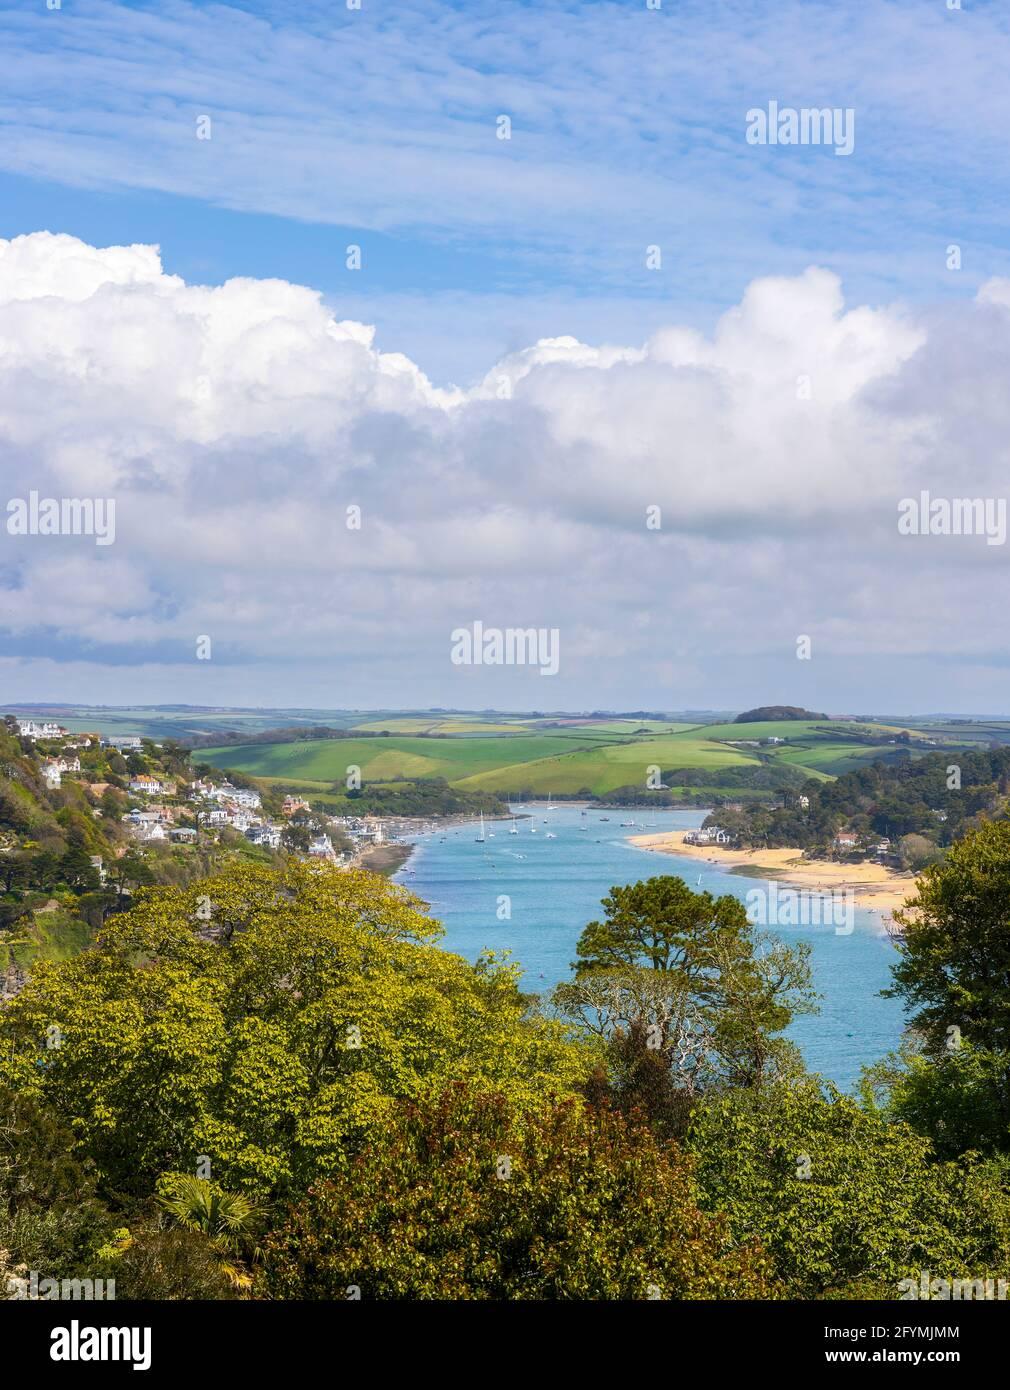 Vistas al puerto de Salcombe, a la ciudad de Salcombe y a la impresionante campiña de Devon. Foto de stock